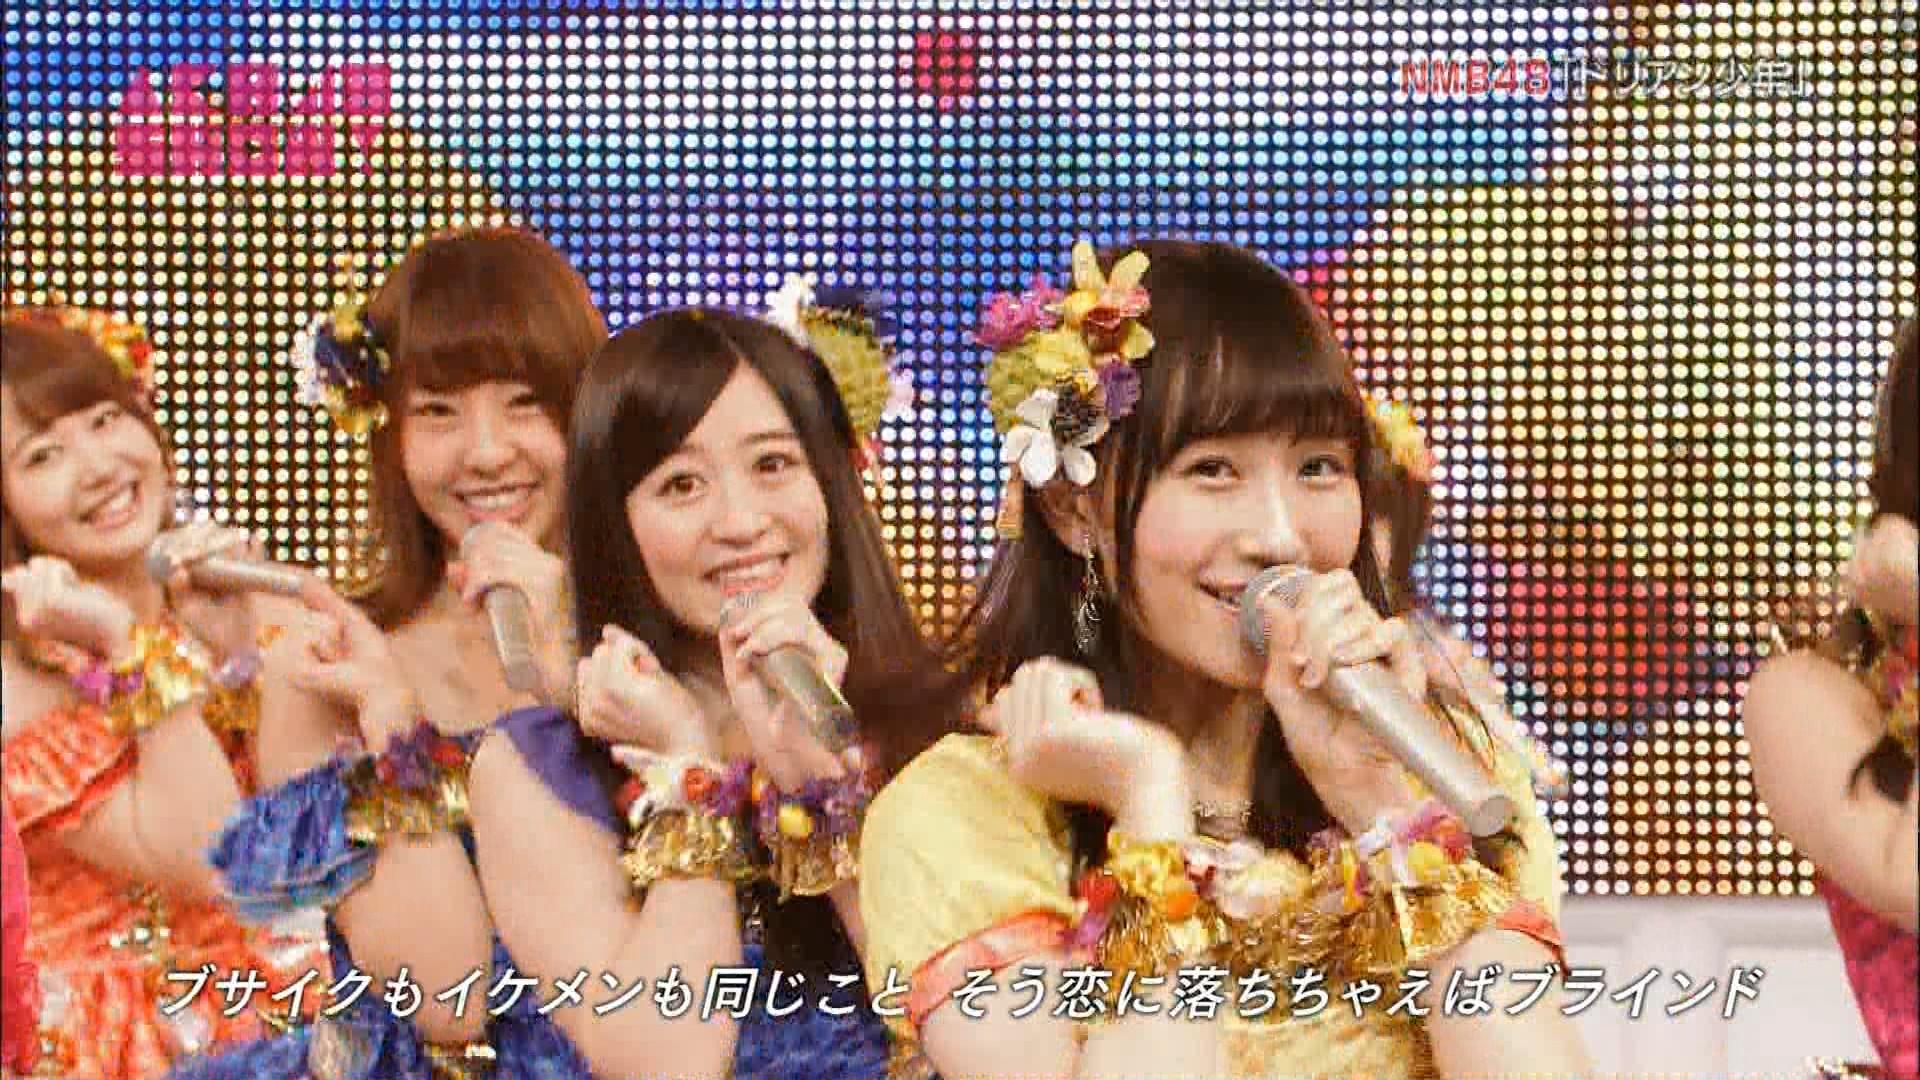 矢倉楓子 NMB48ドリアン少年 AKB48SHOW20150613 (4)